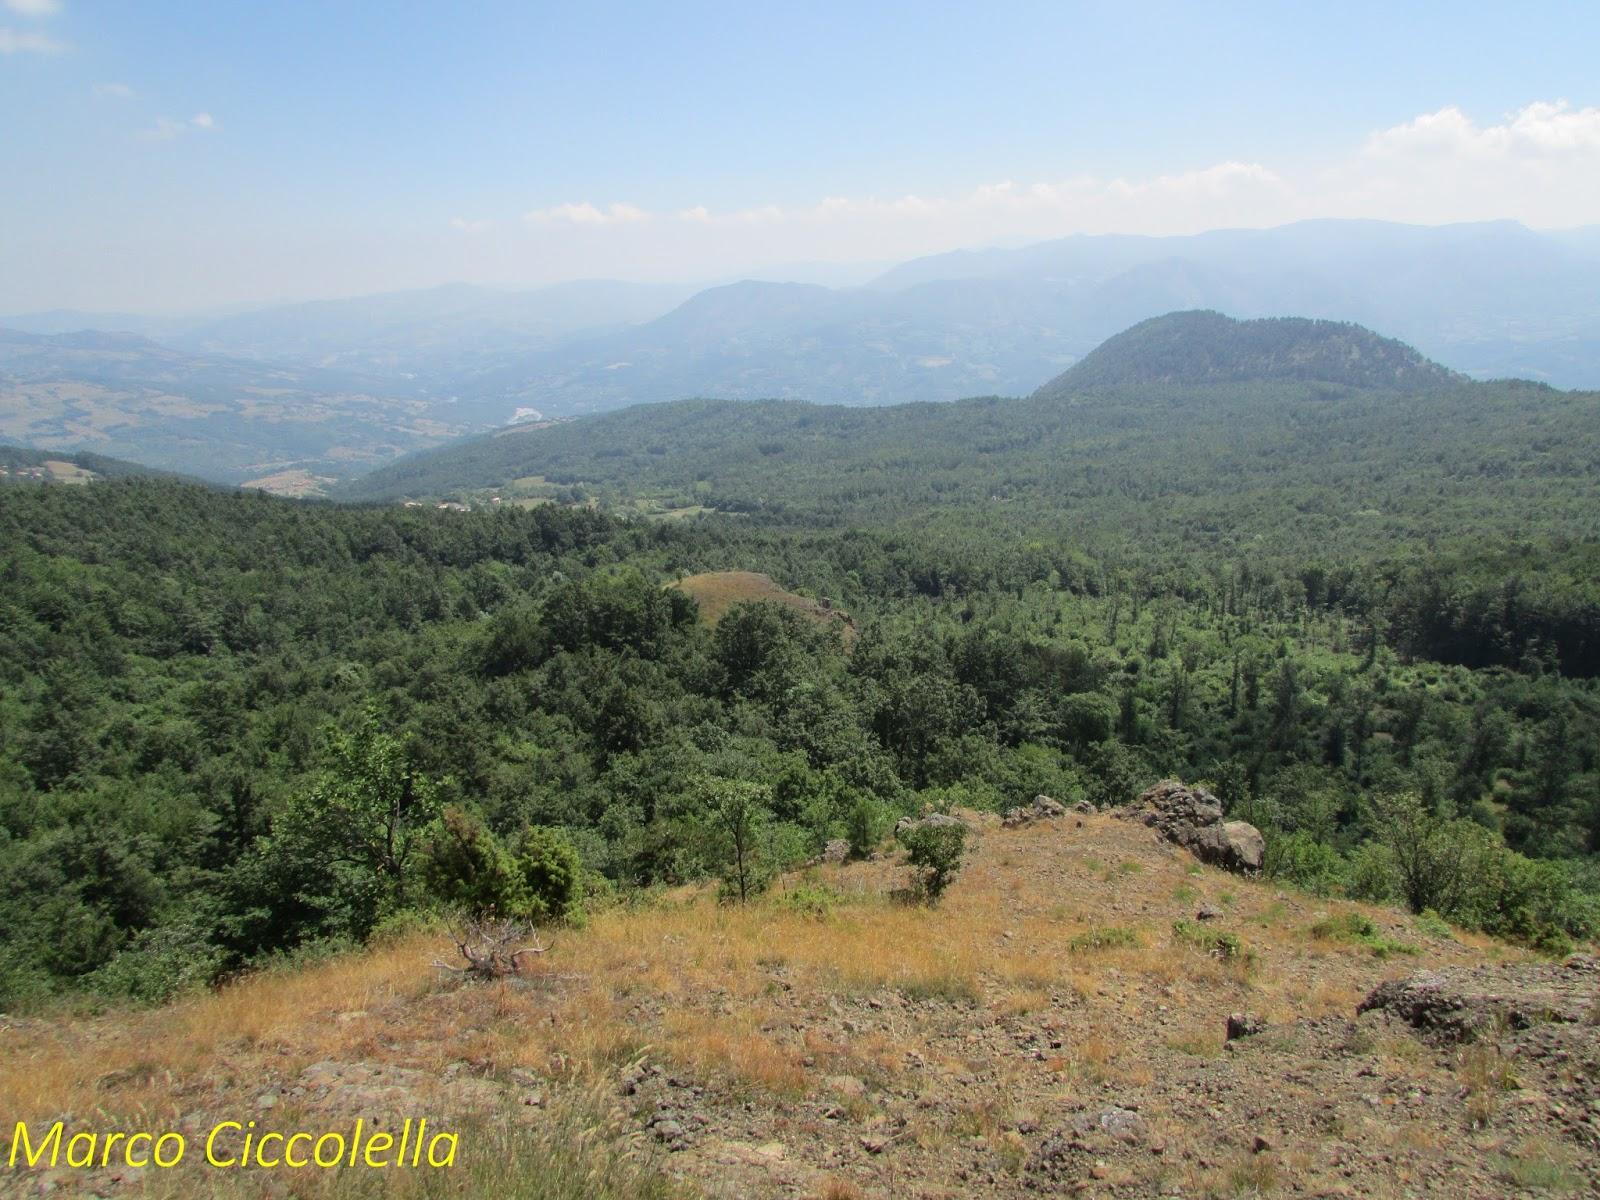 Giardino Pietra Corva : Guida naturalistica in oltrepò pavese pan perduto giardino